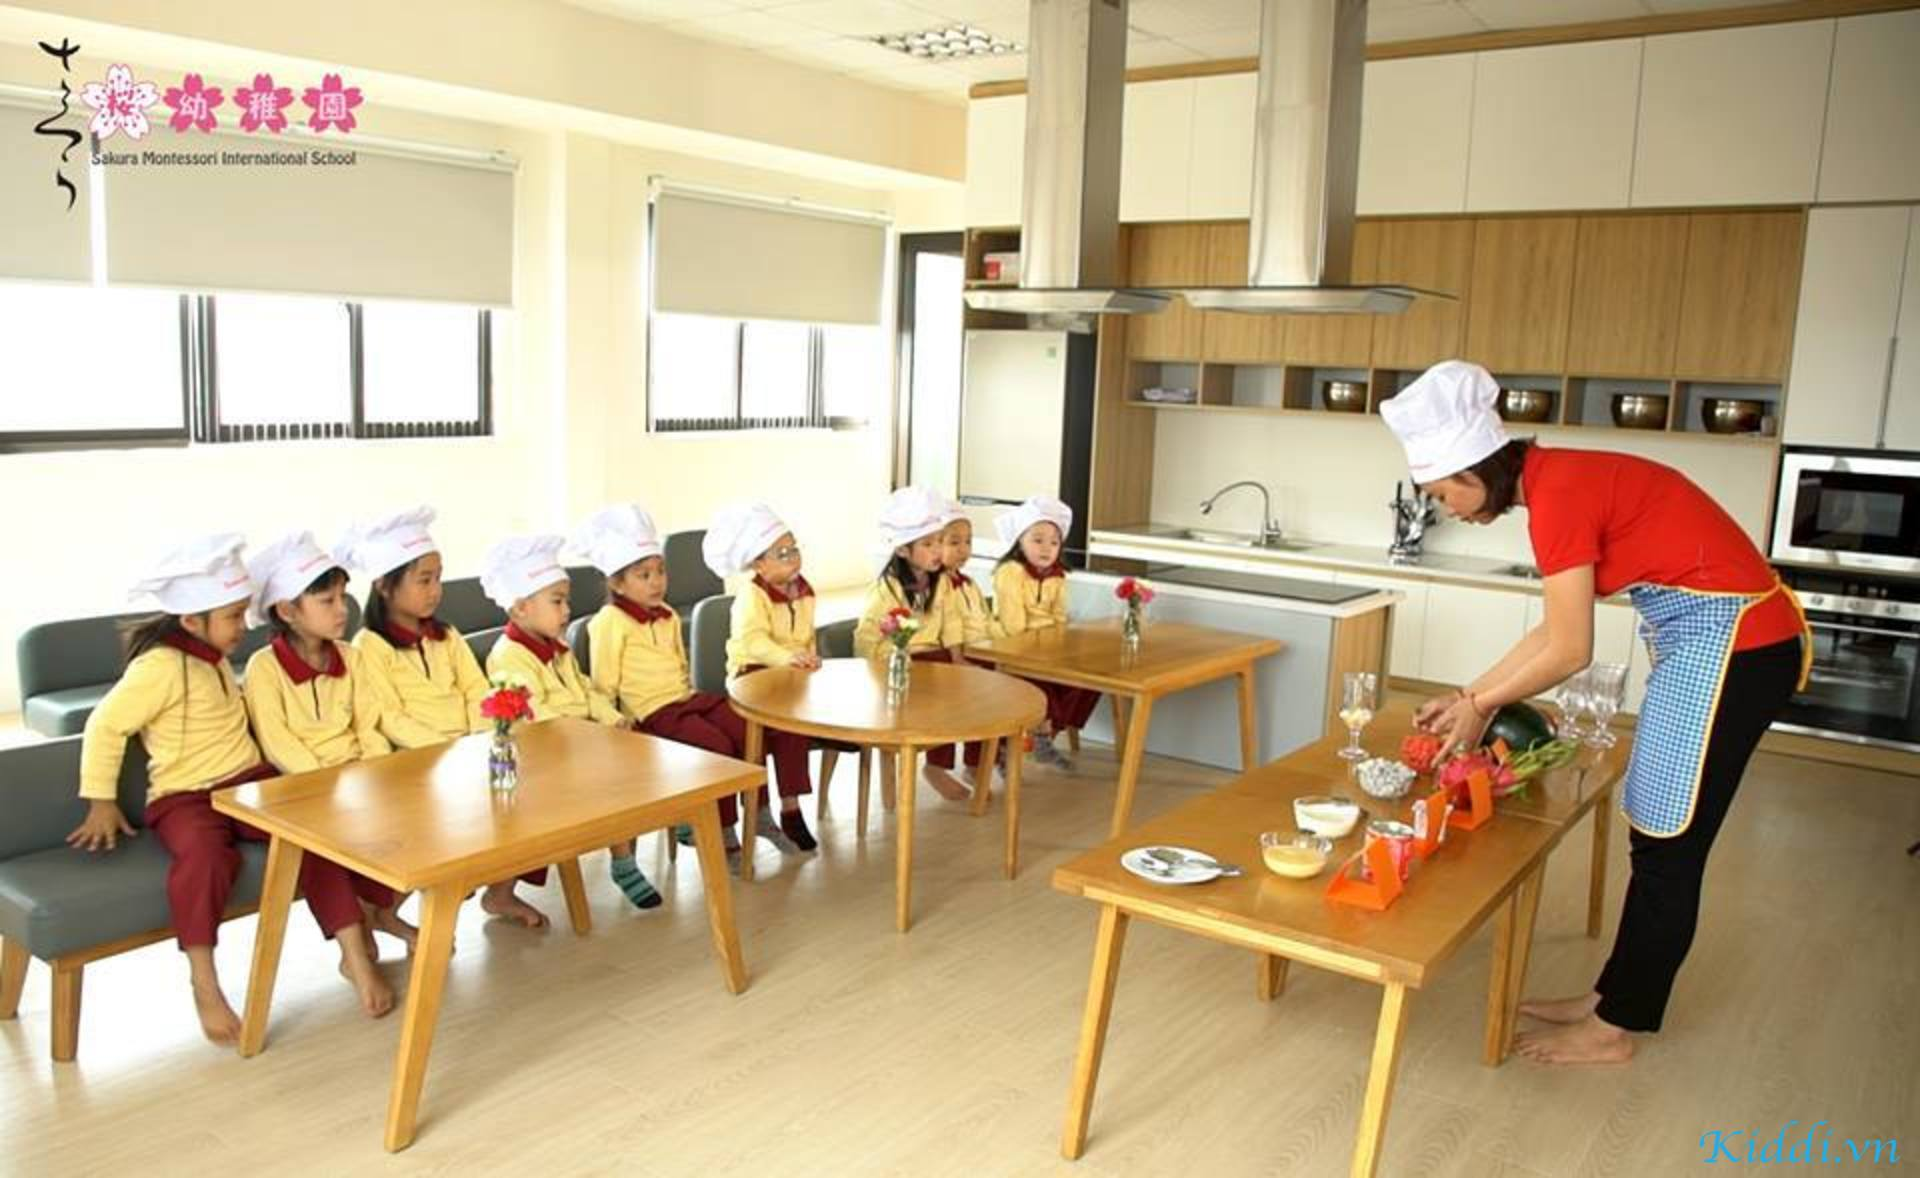 Kết quả hình ảnh cho SAKURA MONTESSORI INTERNATIONAL SCHOOL